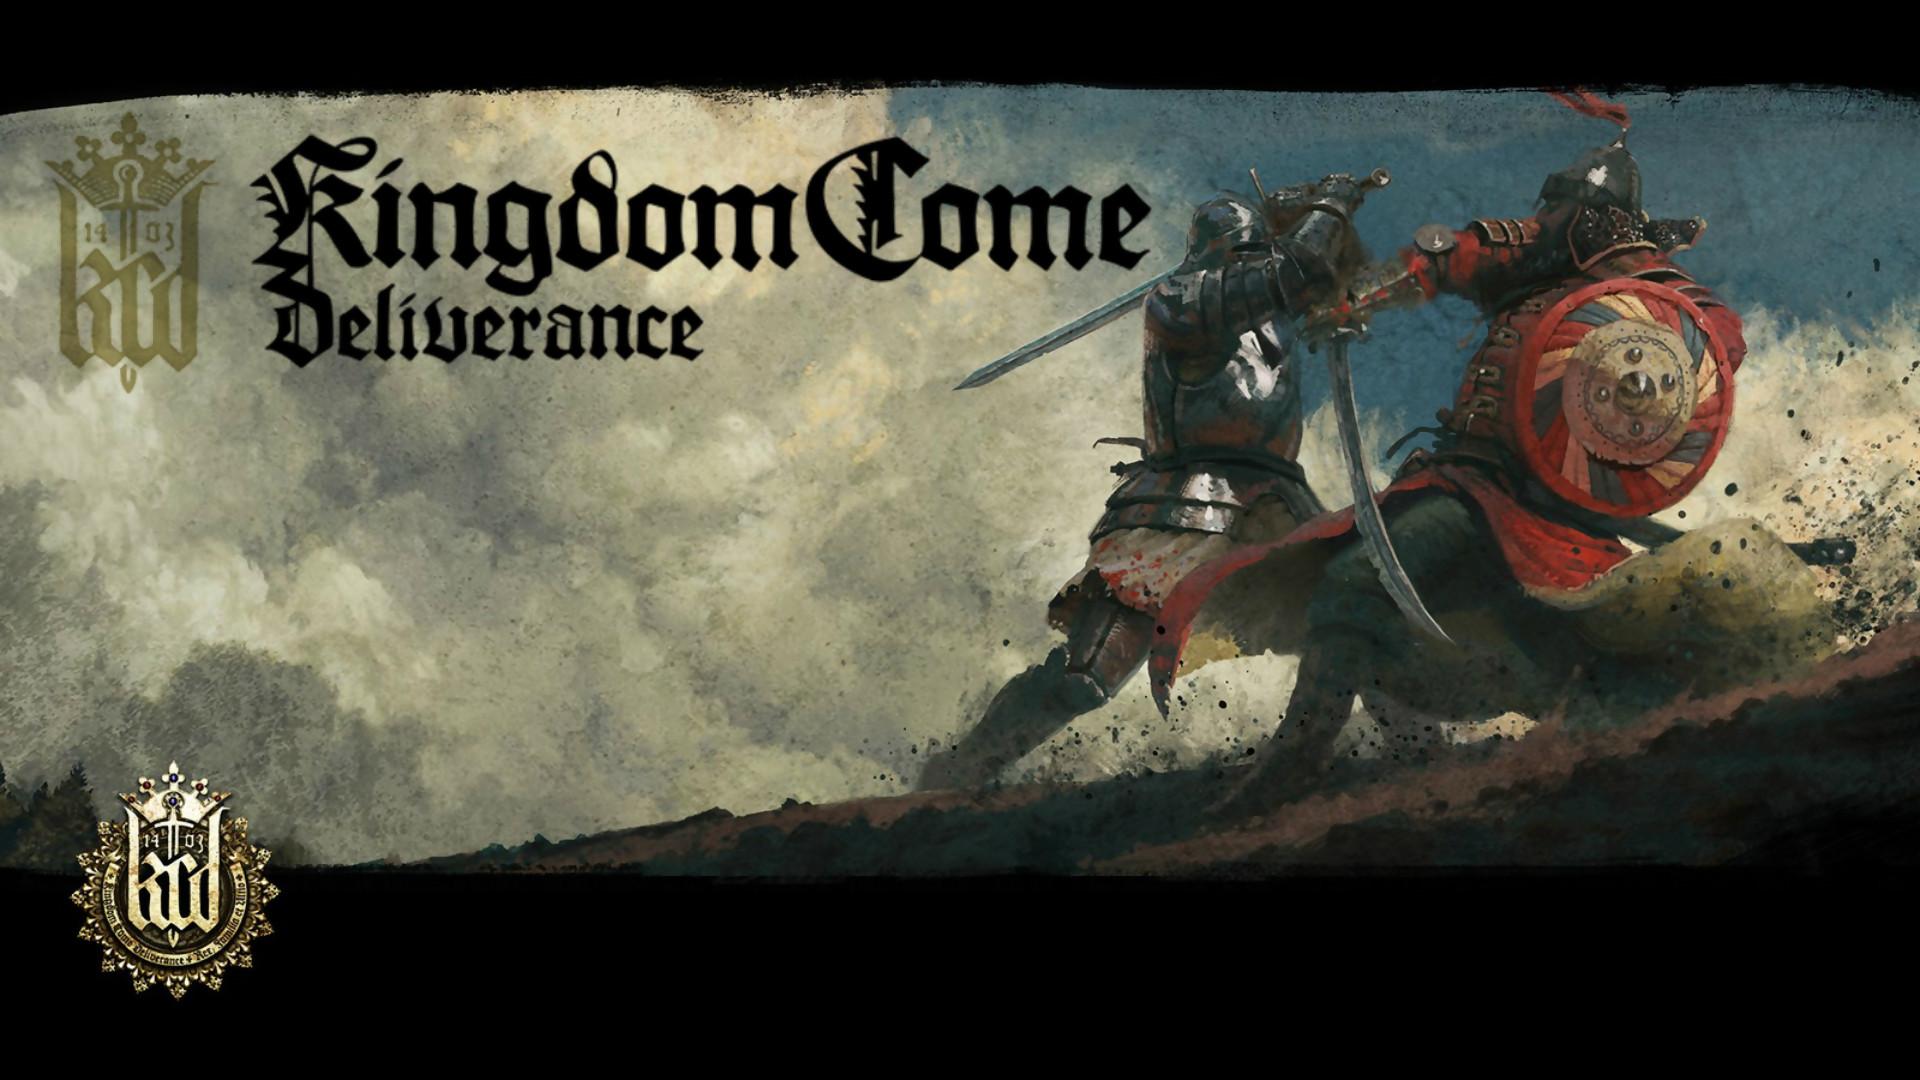 kingdom come deliverance xbox one patch 1.2.5